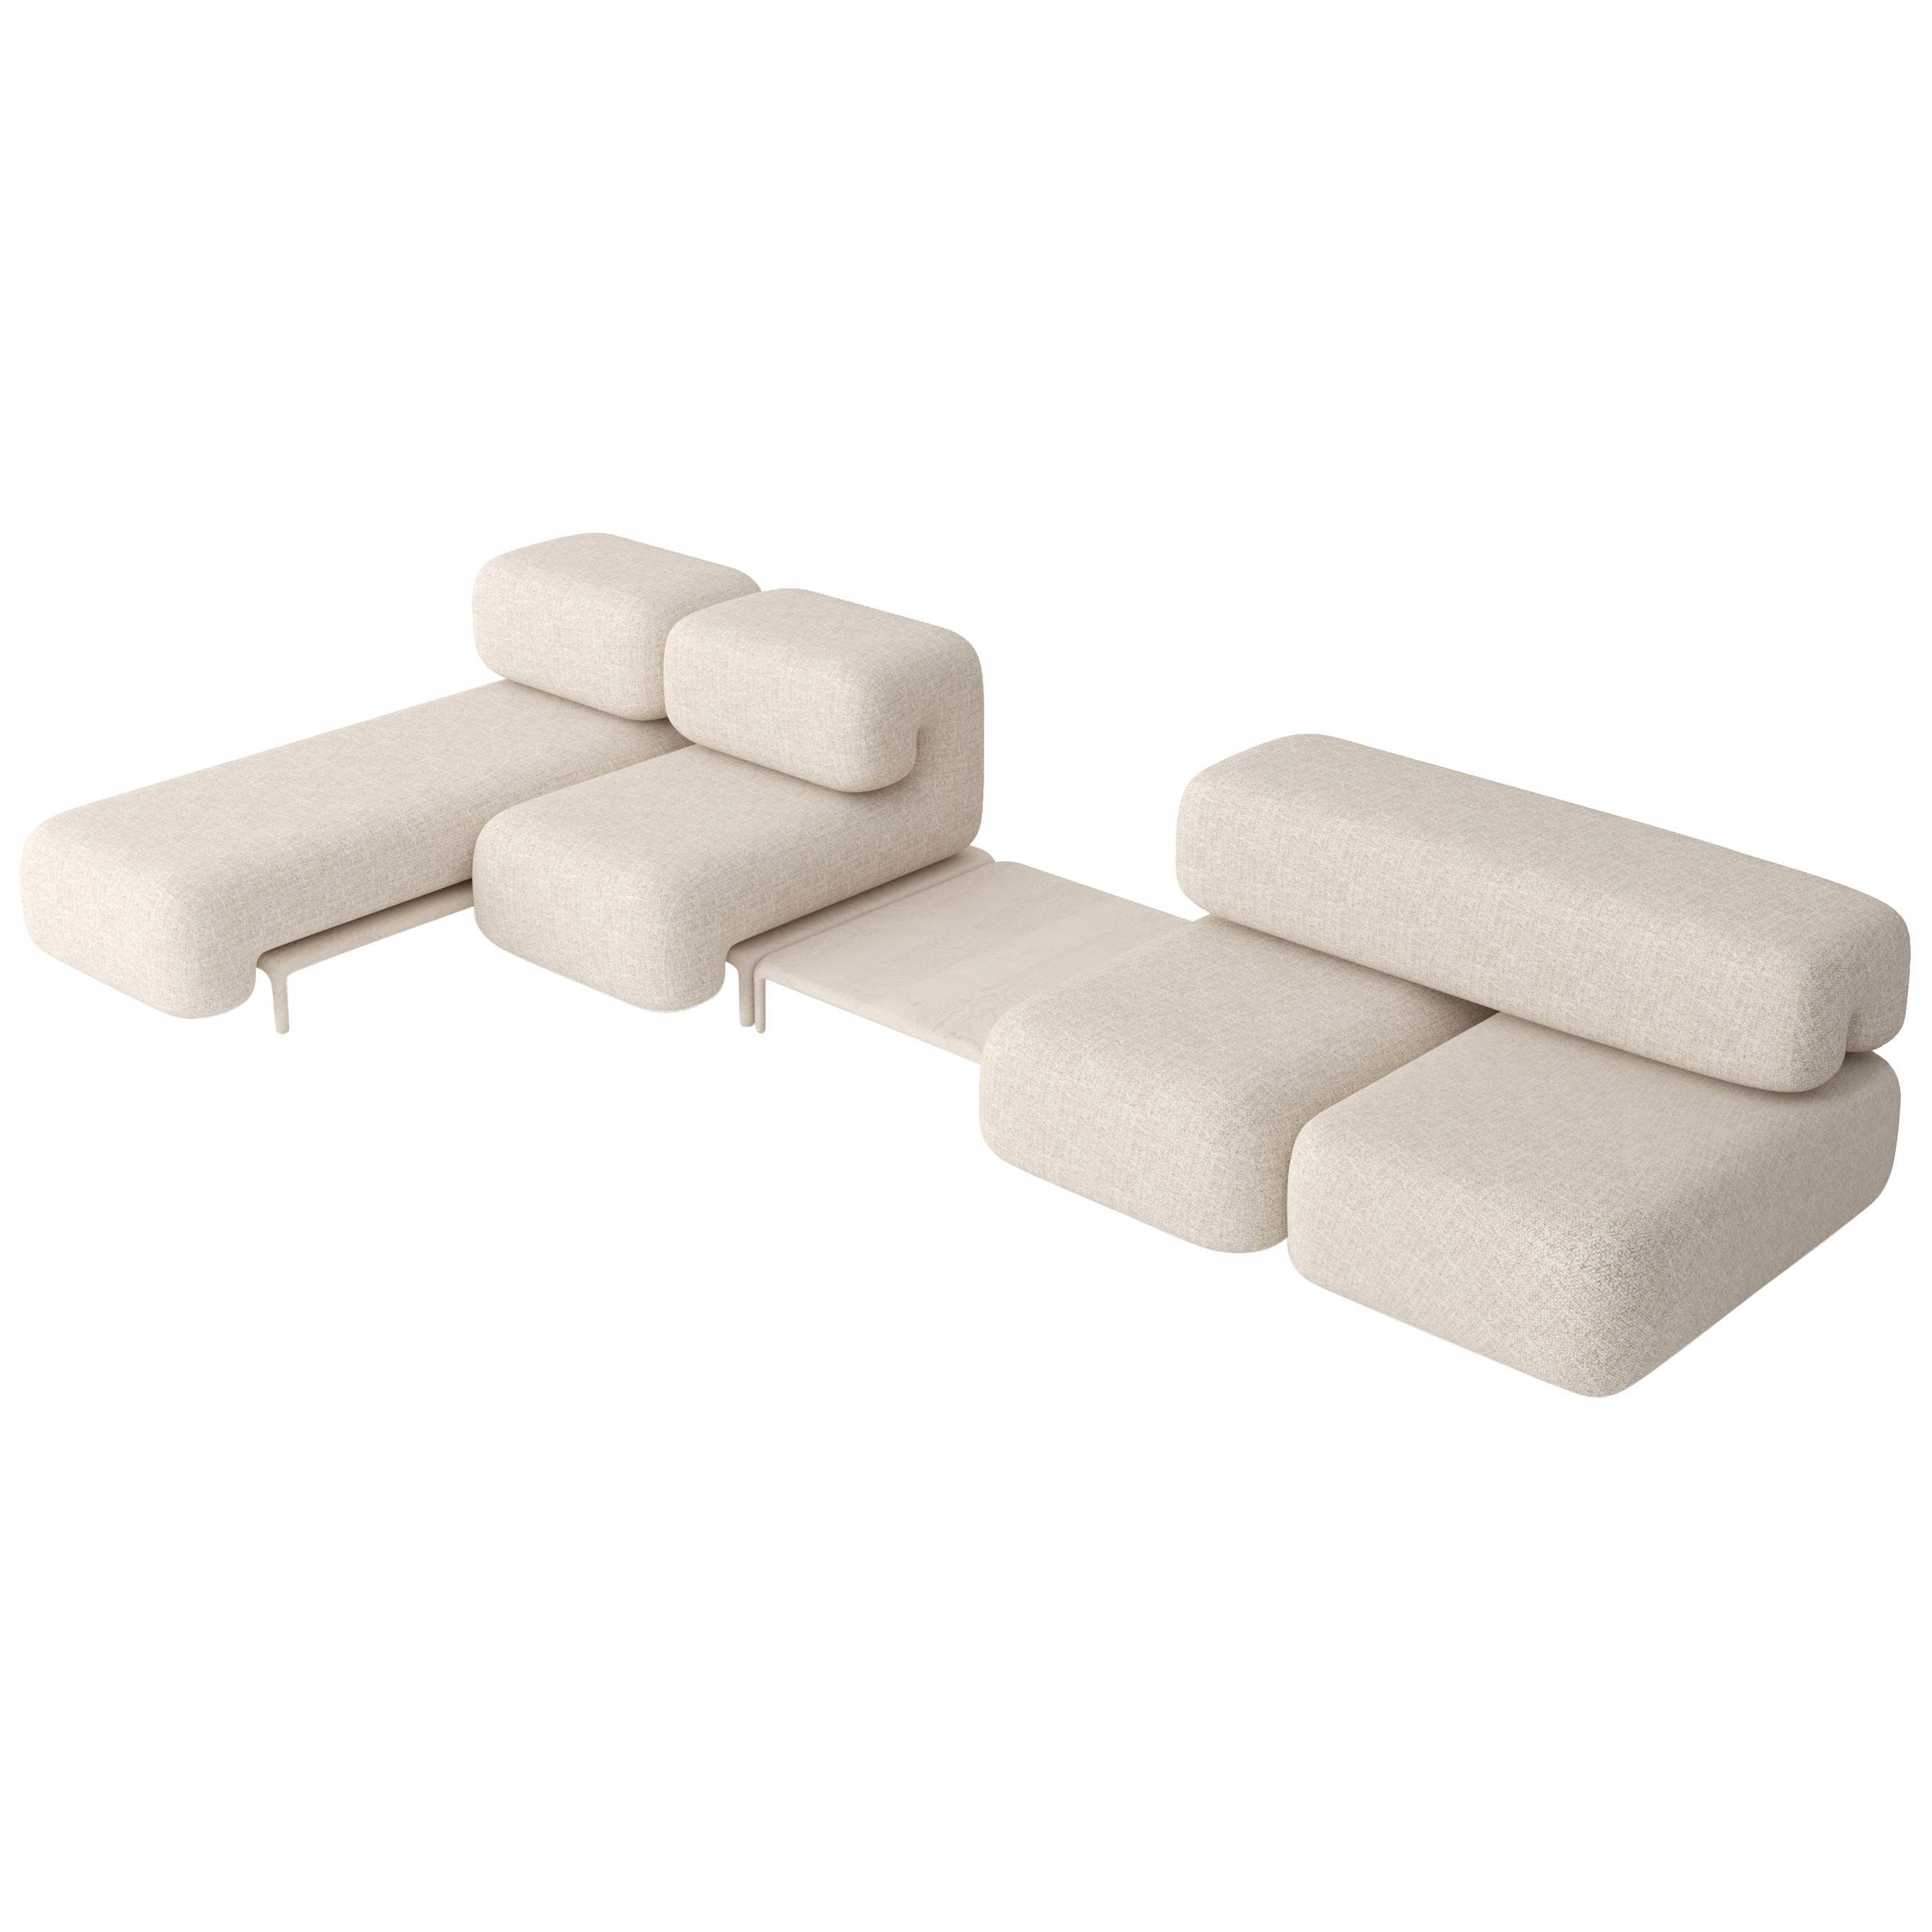 Padun Sofa by Faina